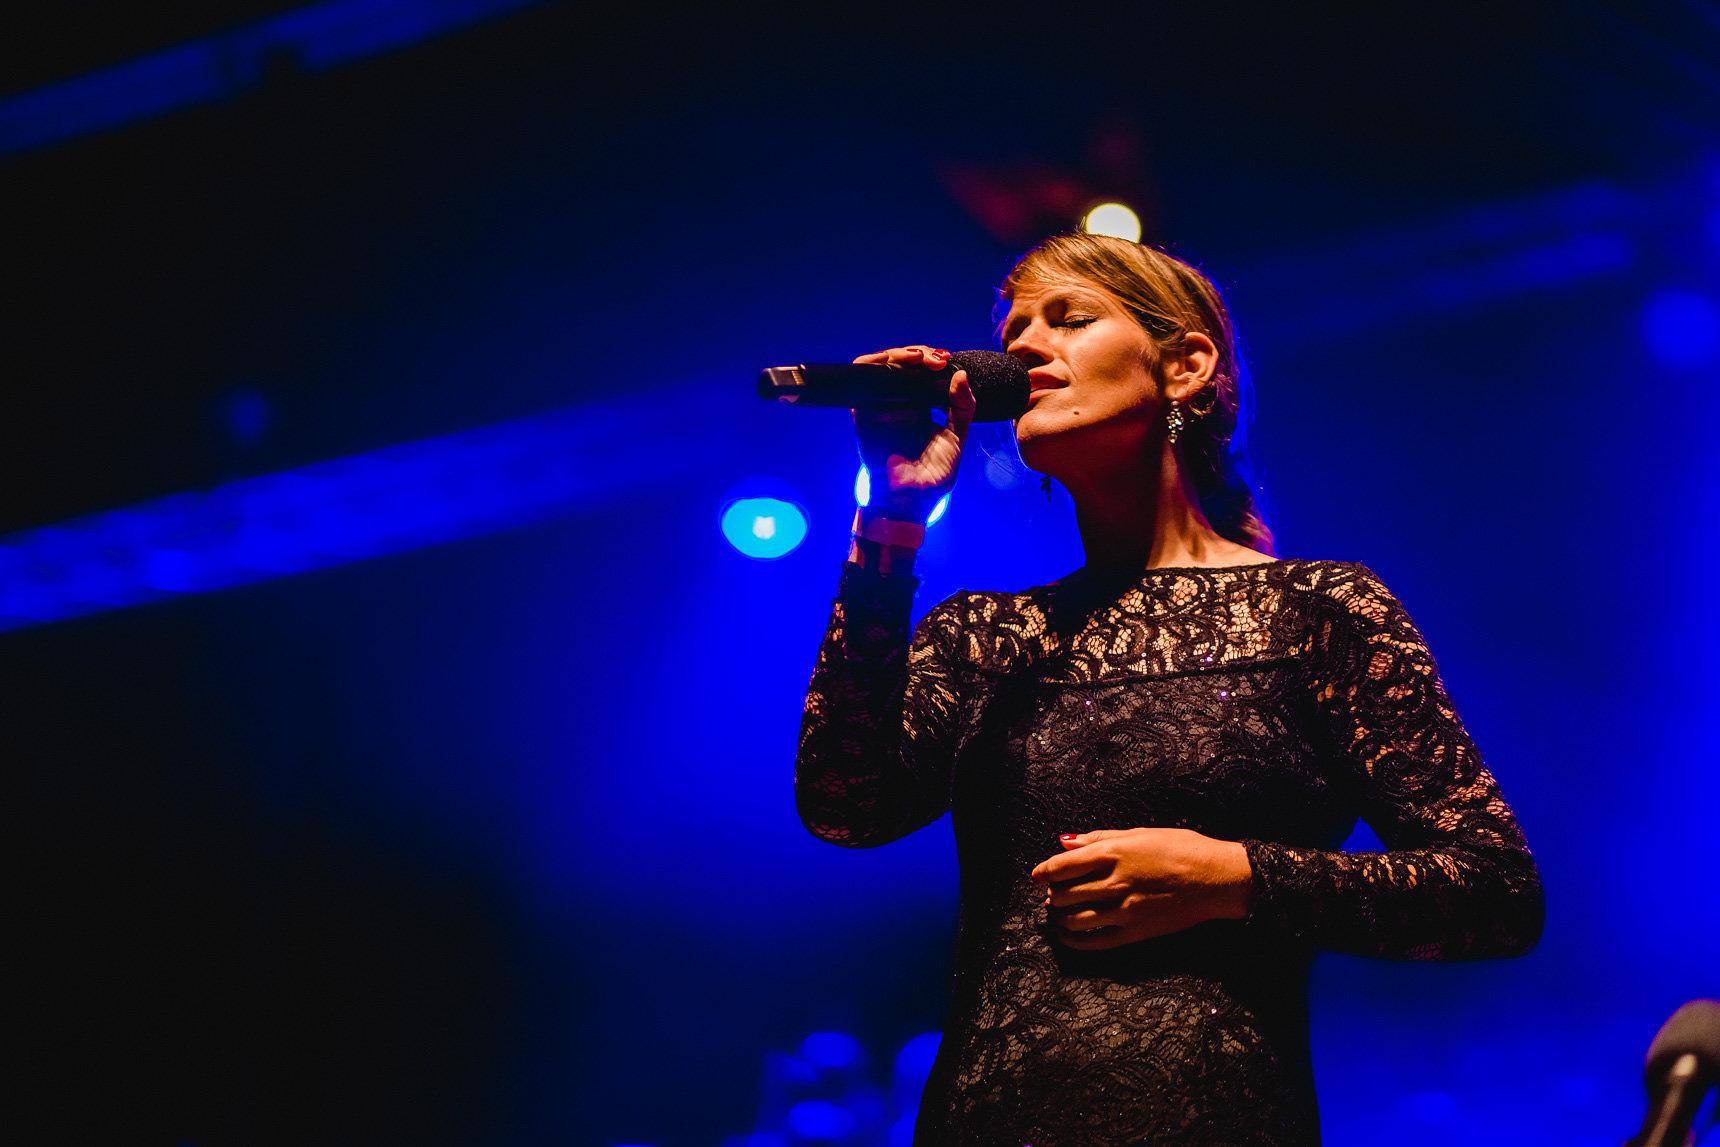 Andrea Zug